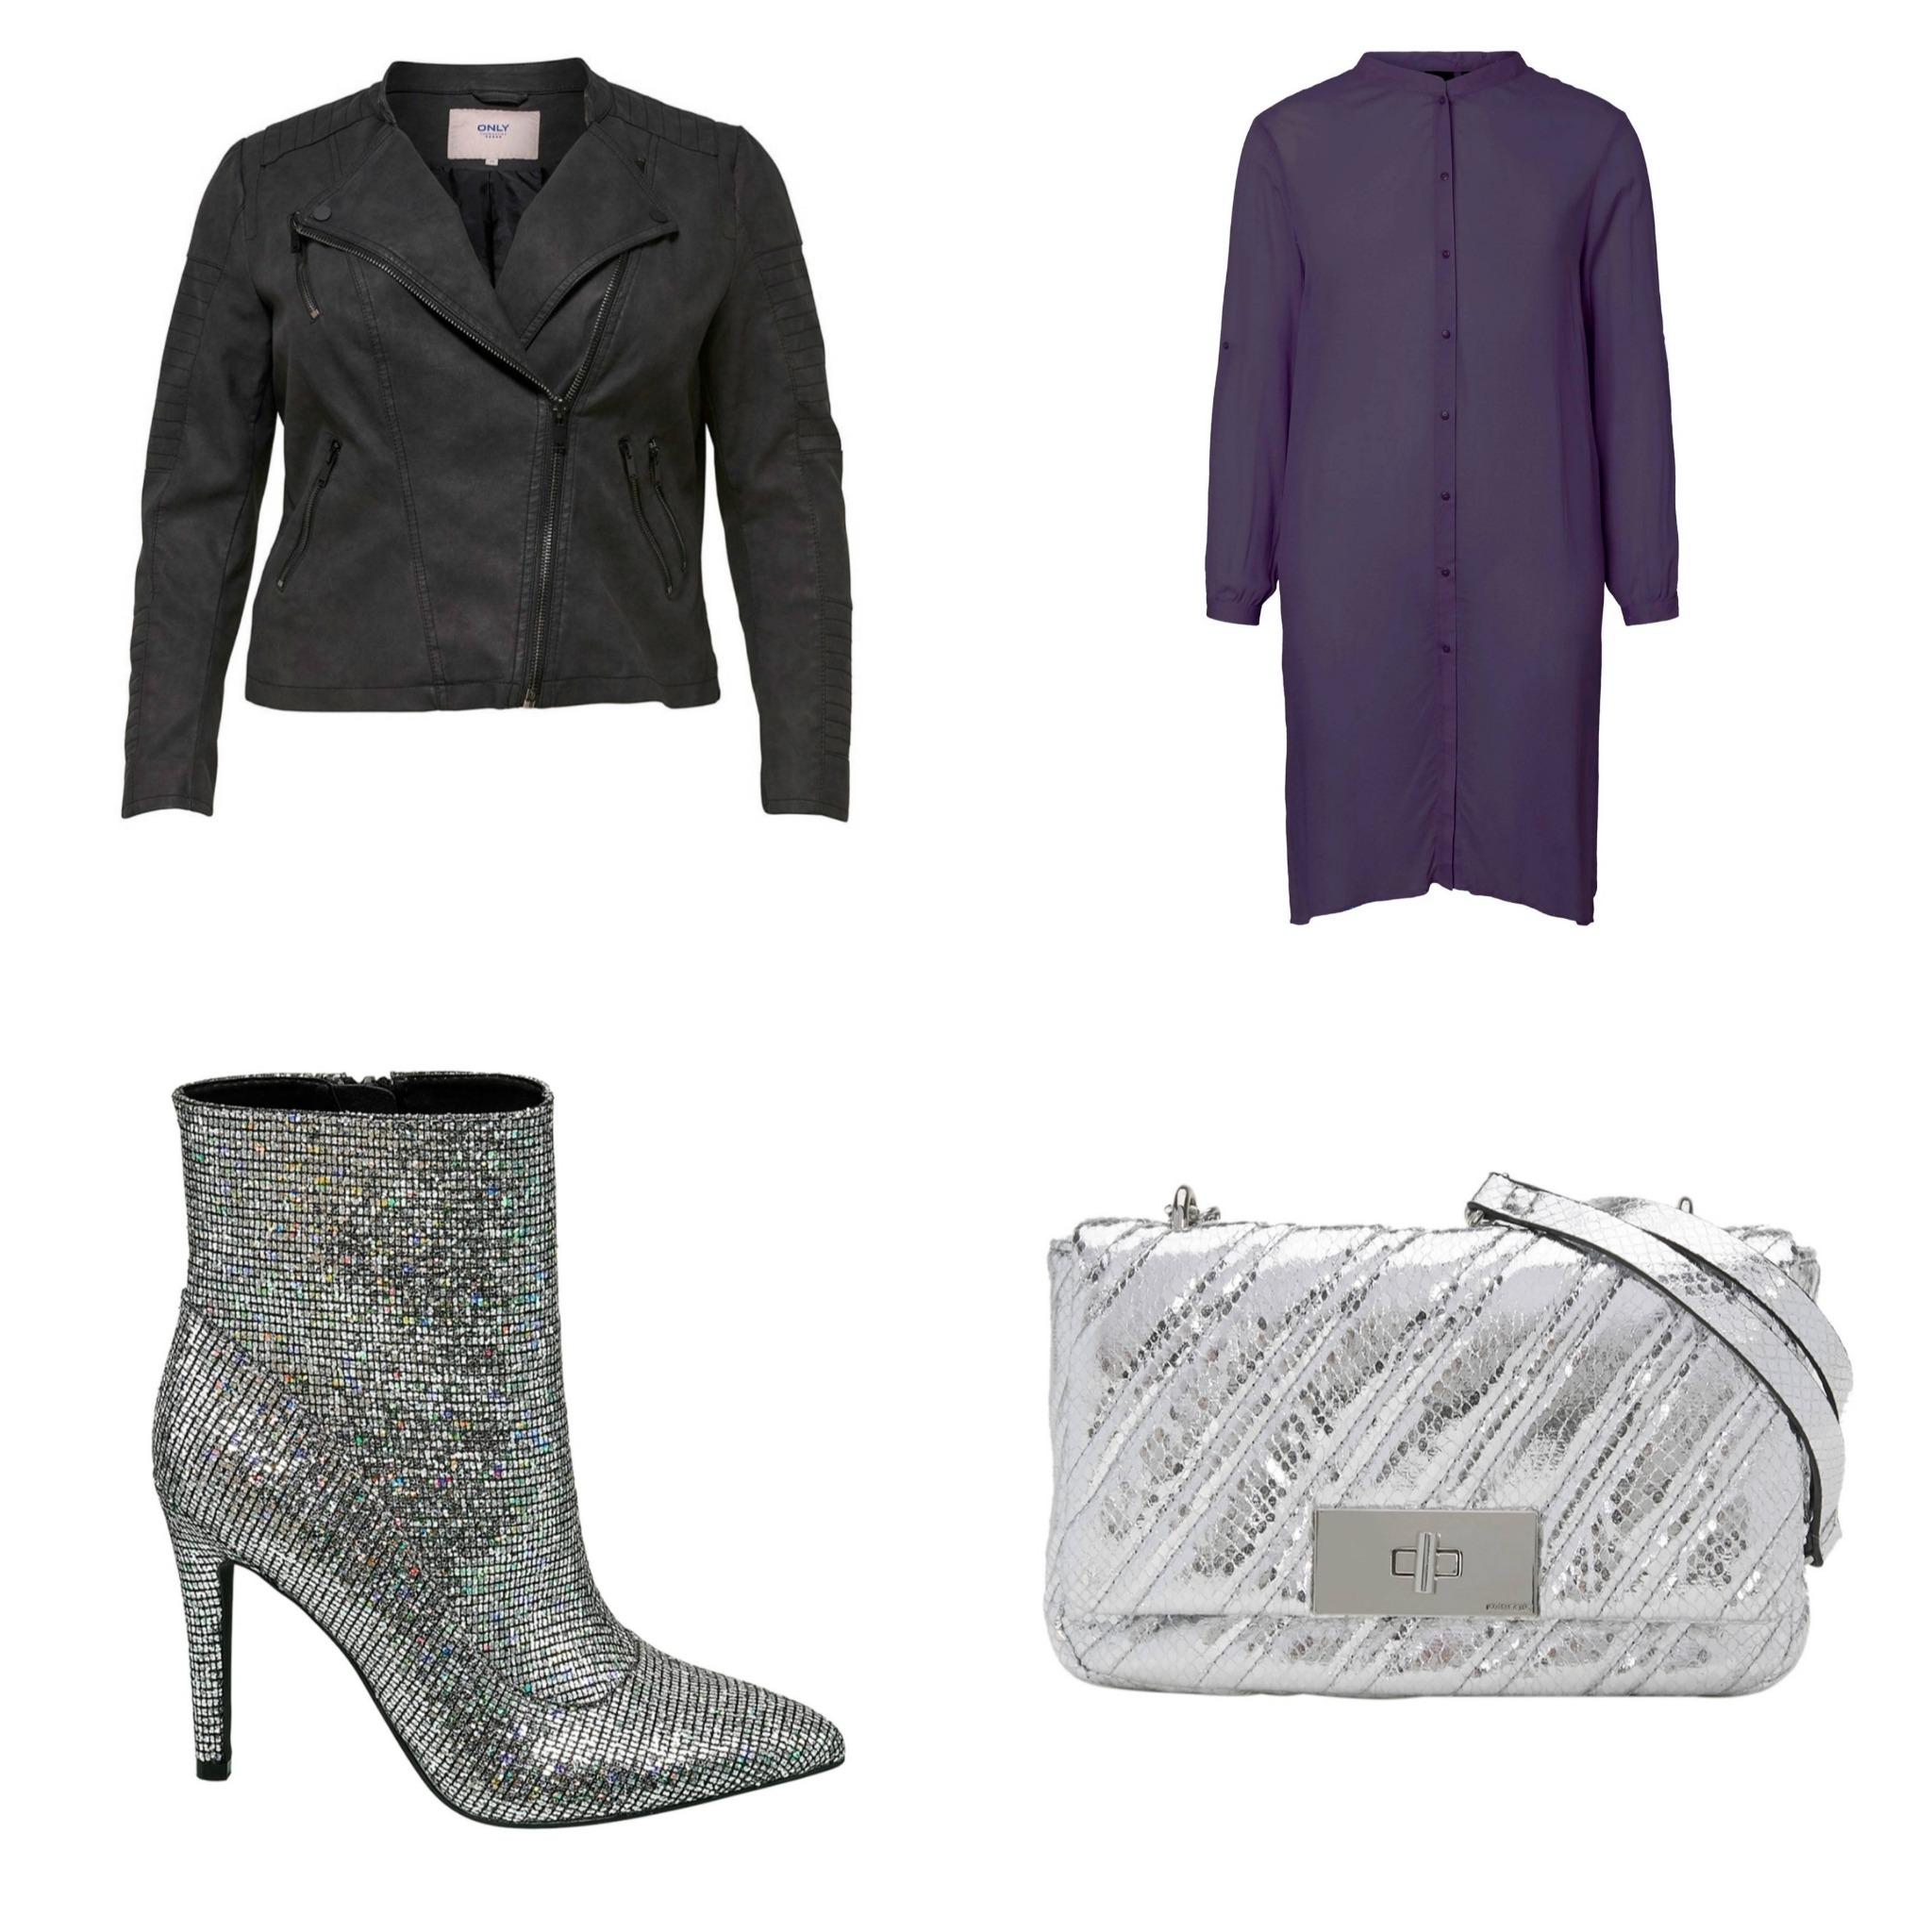 Plus Size Fashion Friday || Shine baby shine